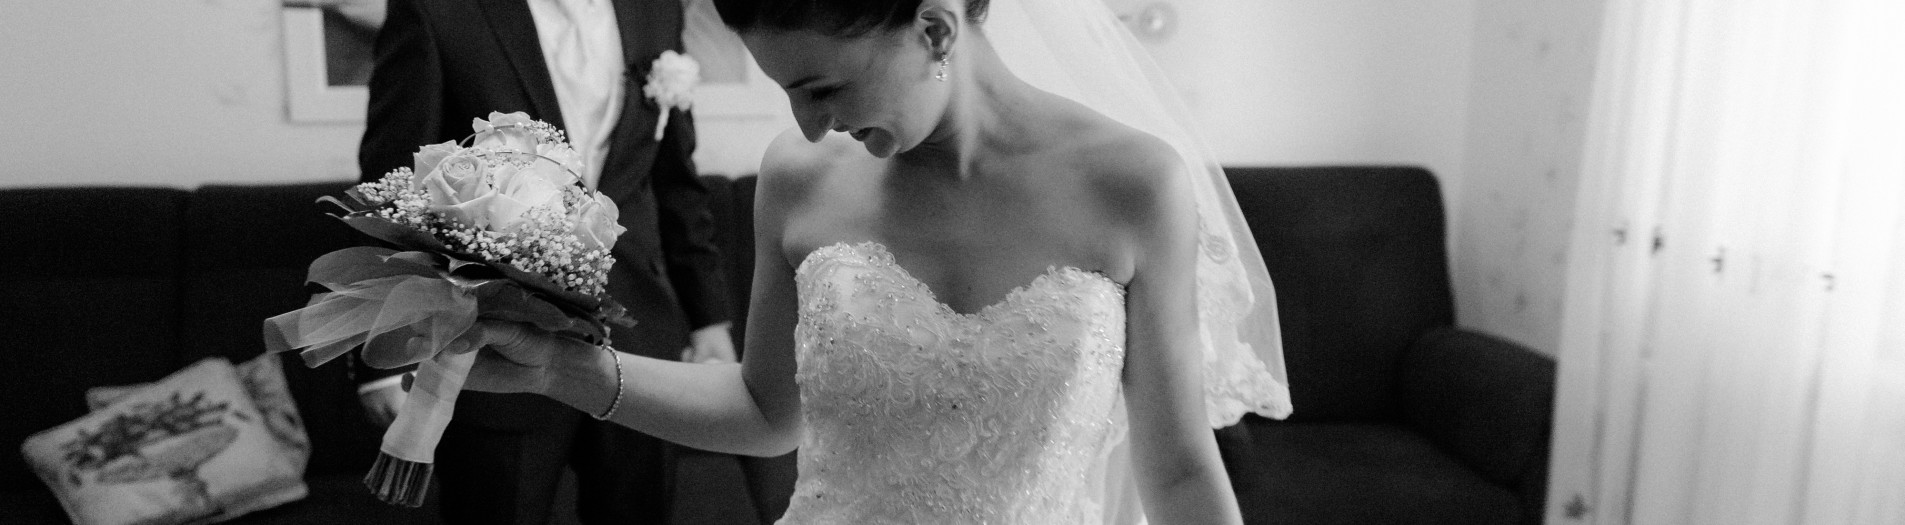 Hochzeitsreportage Teil II - Daria und Daniel